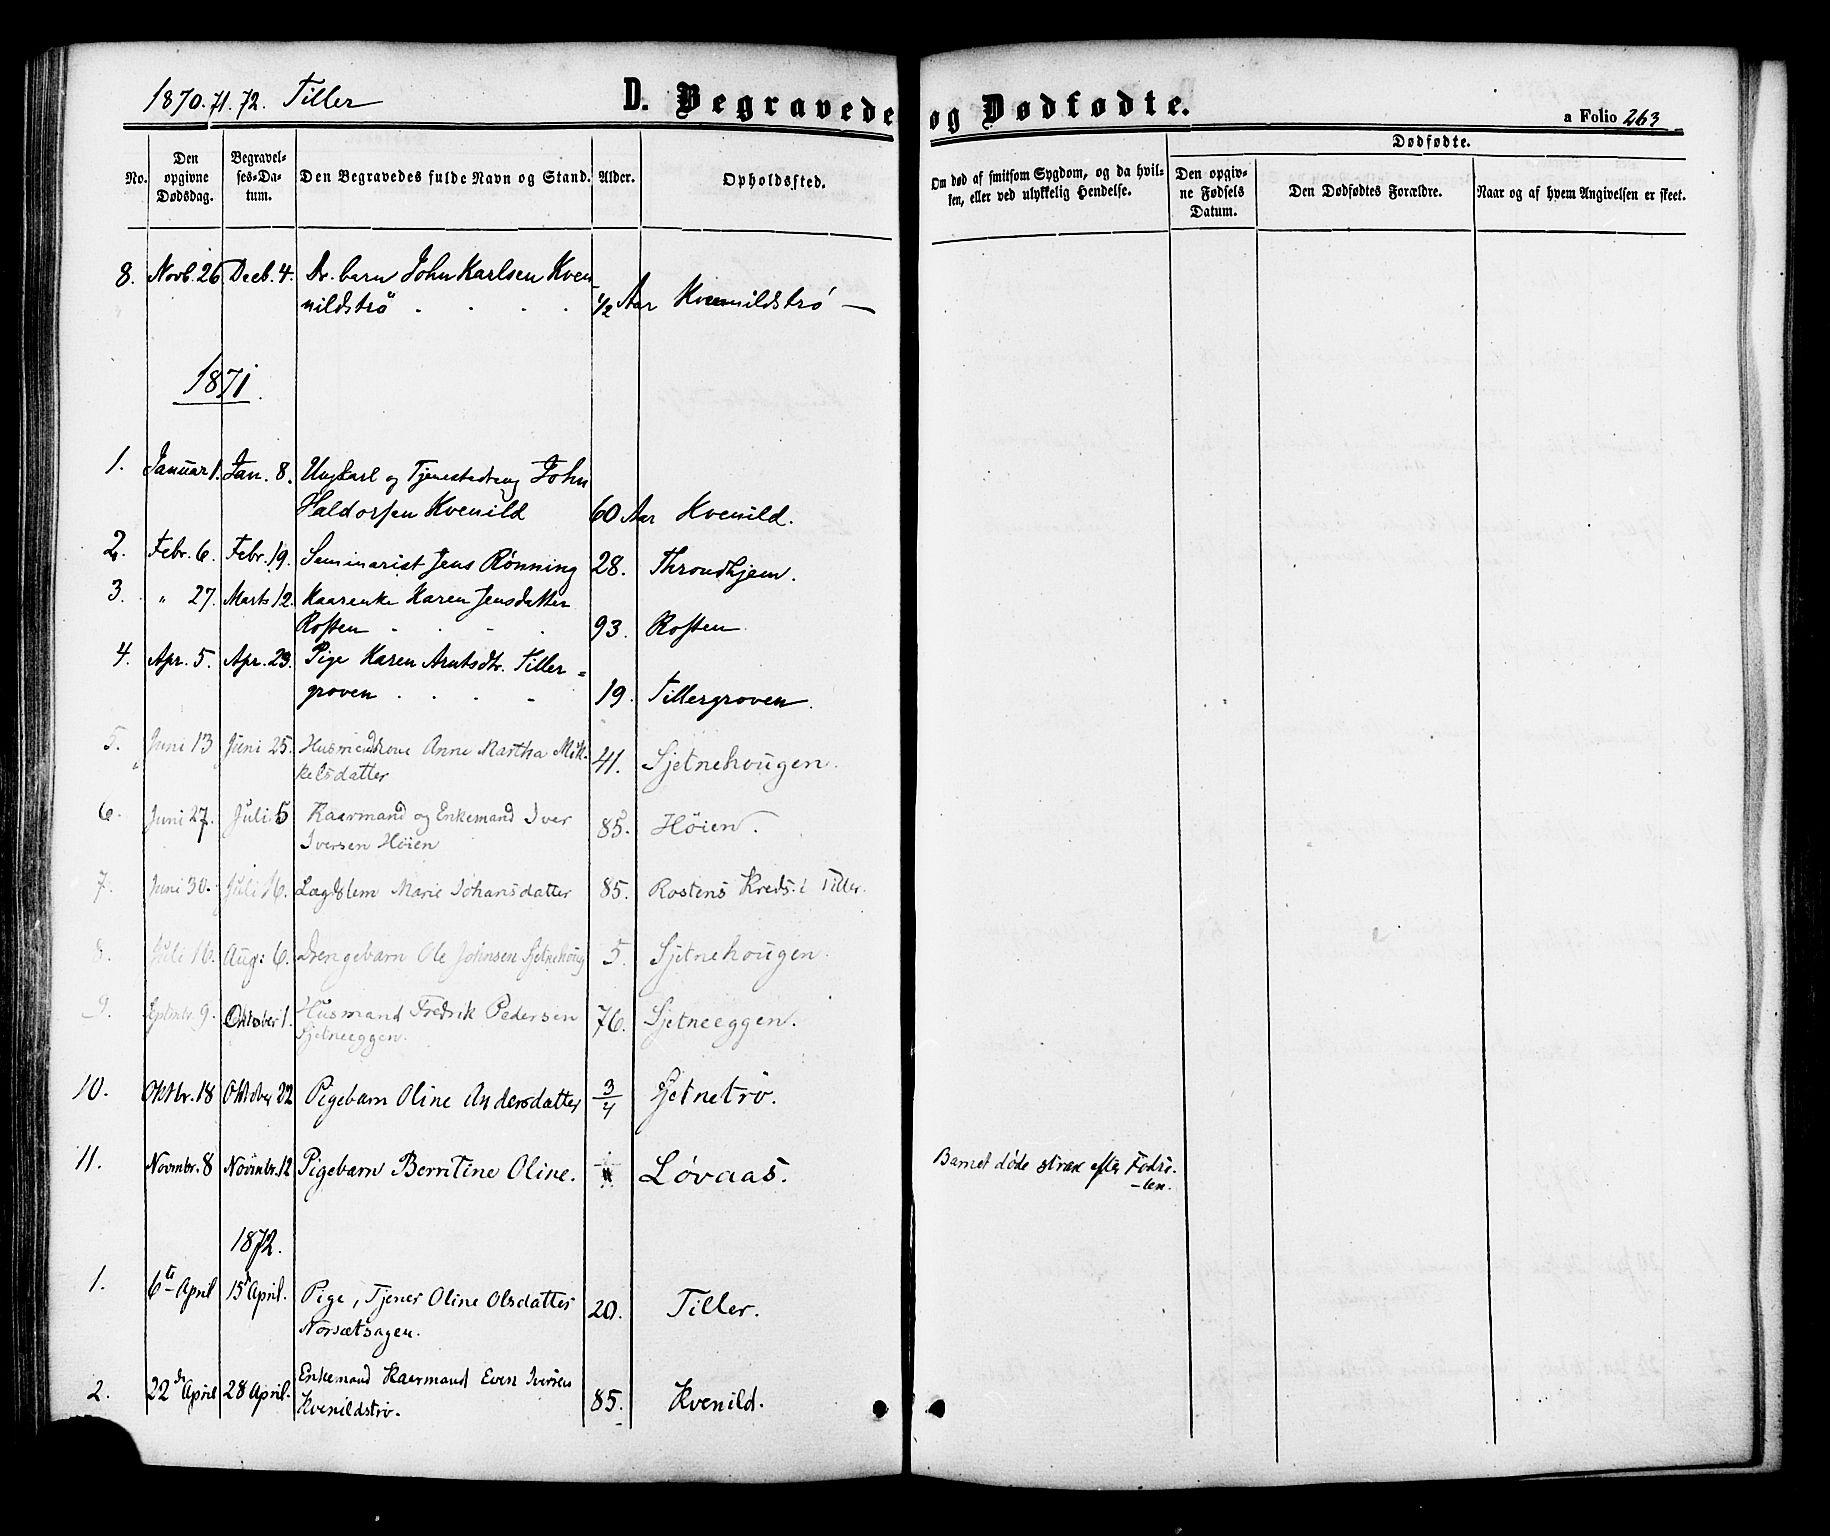 SAT, Ministerialprotokoller, klokkerbøker og fødselsregistre - Sør-Trøndelag, 618/L0443: Ministerialbok nr. 618A06 /2, 1863-1879, s. 263